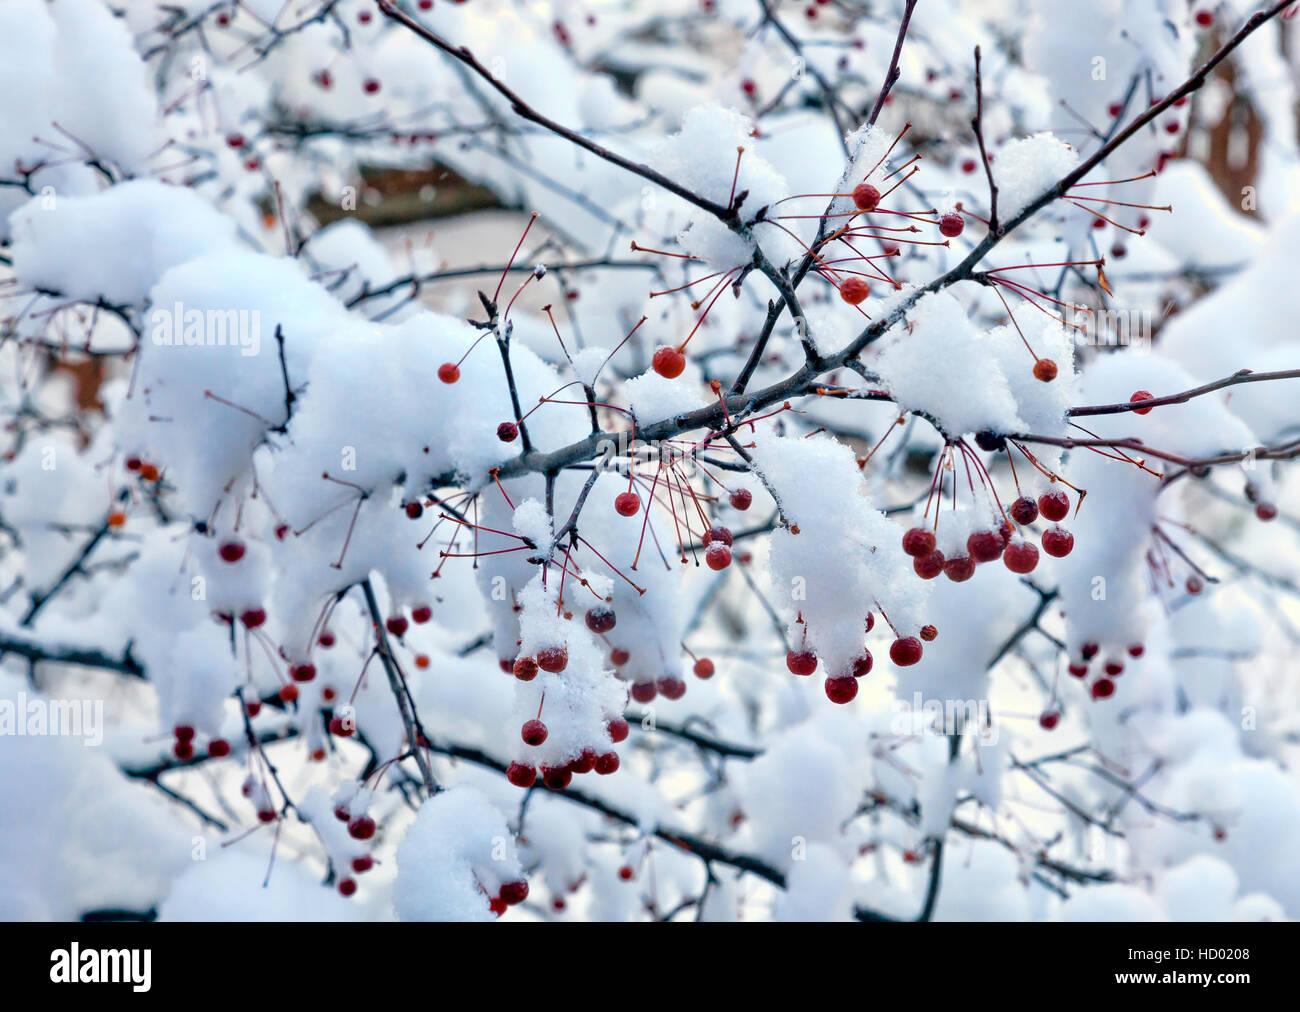 hartriegel baum im winter mit schnee bedeckten bl ttern. Black Bedroom Furniture Sets. Home Design Ideas